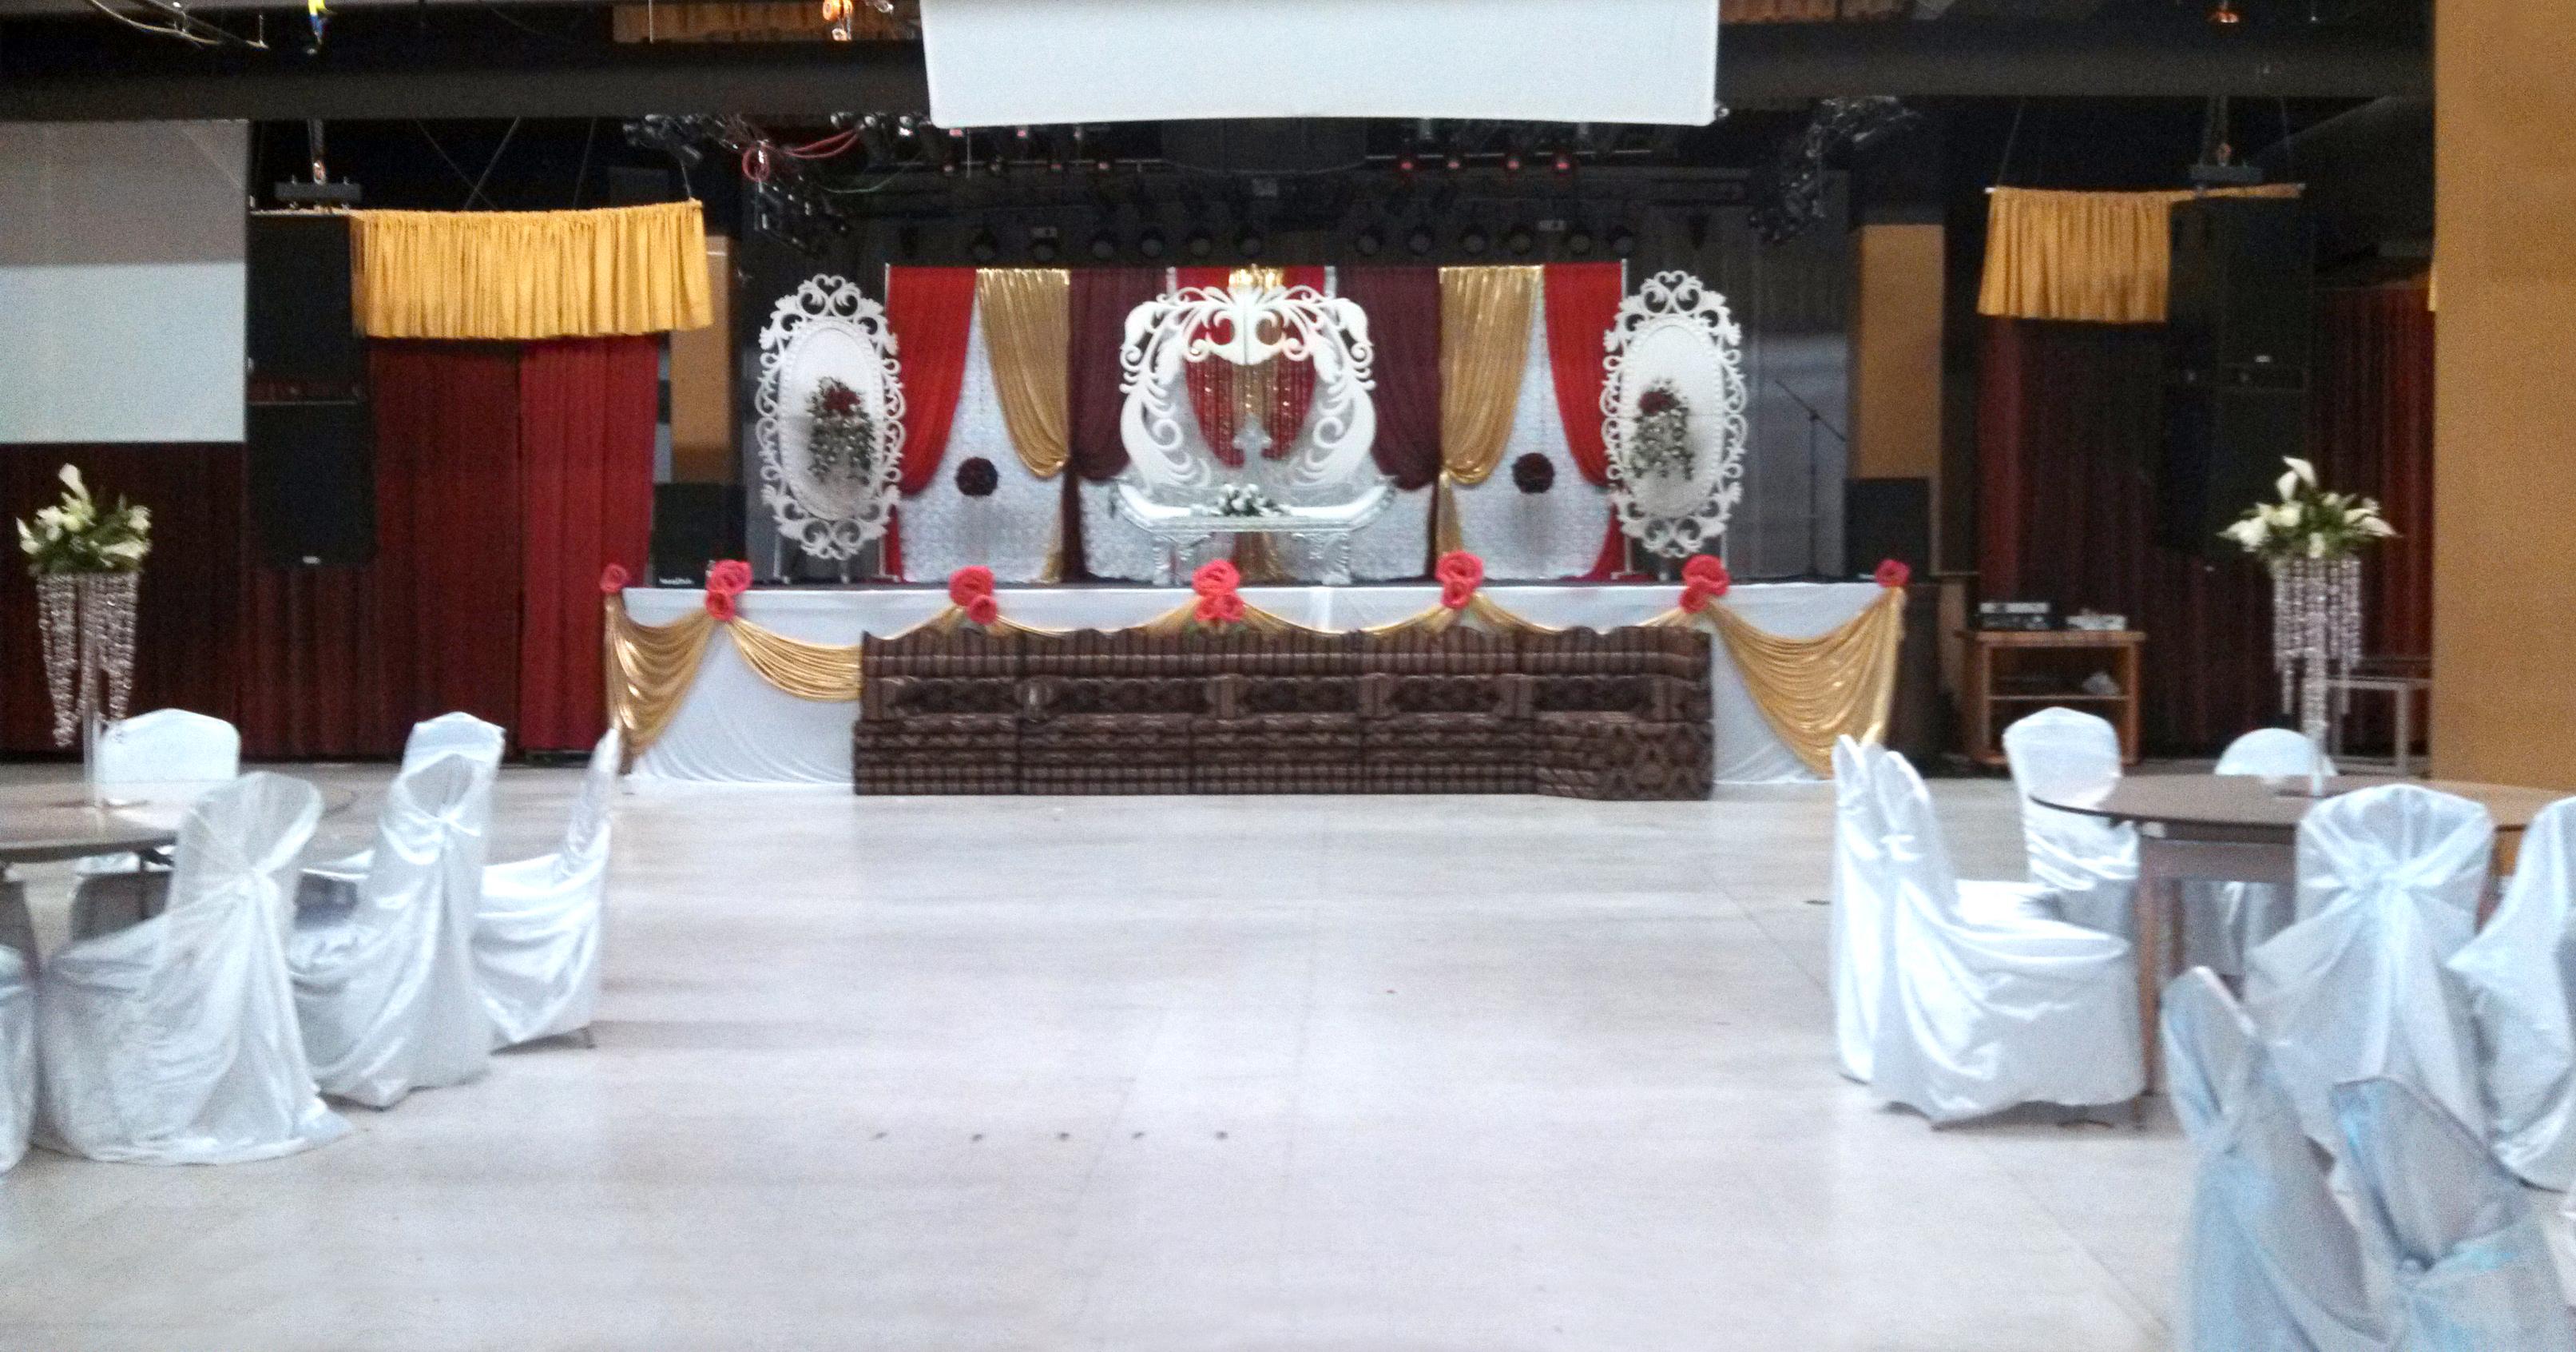 Staged banquet 2